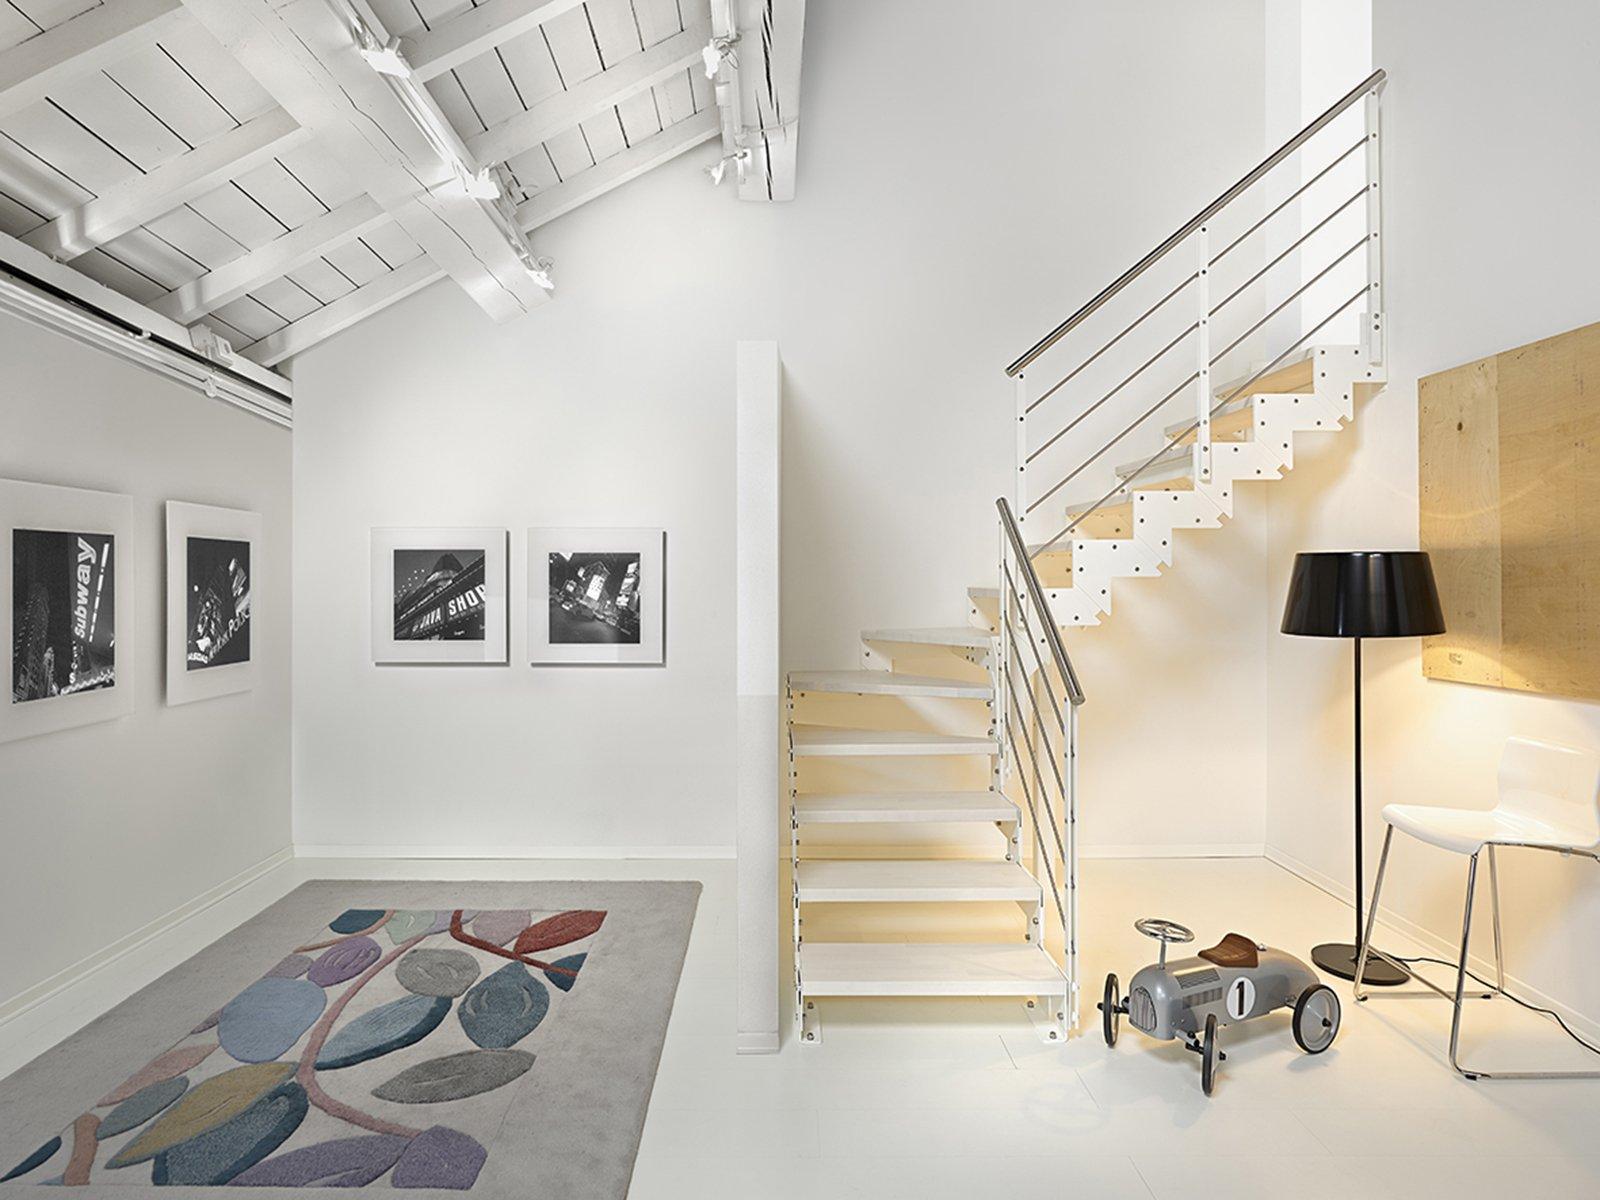 Awesome vedere foto di x ampia possibilit di dei materiali for Sala di piani quadrati a chiocciola